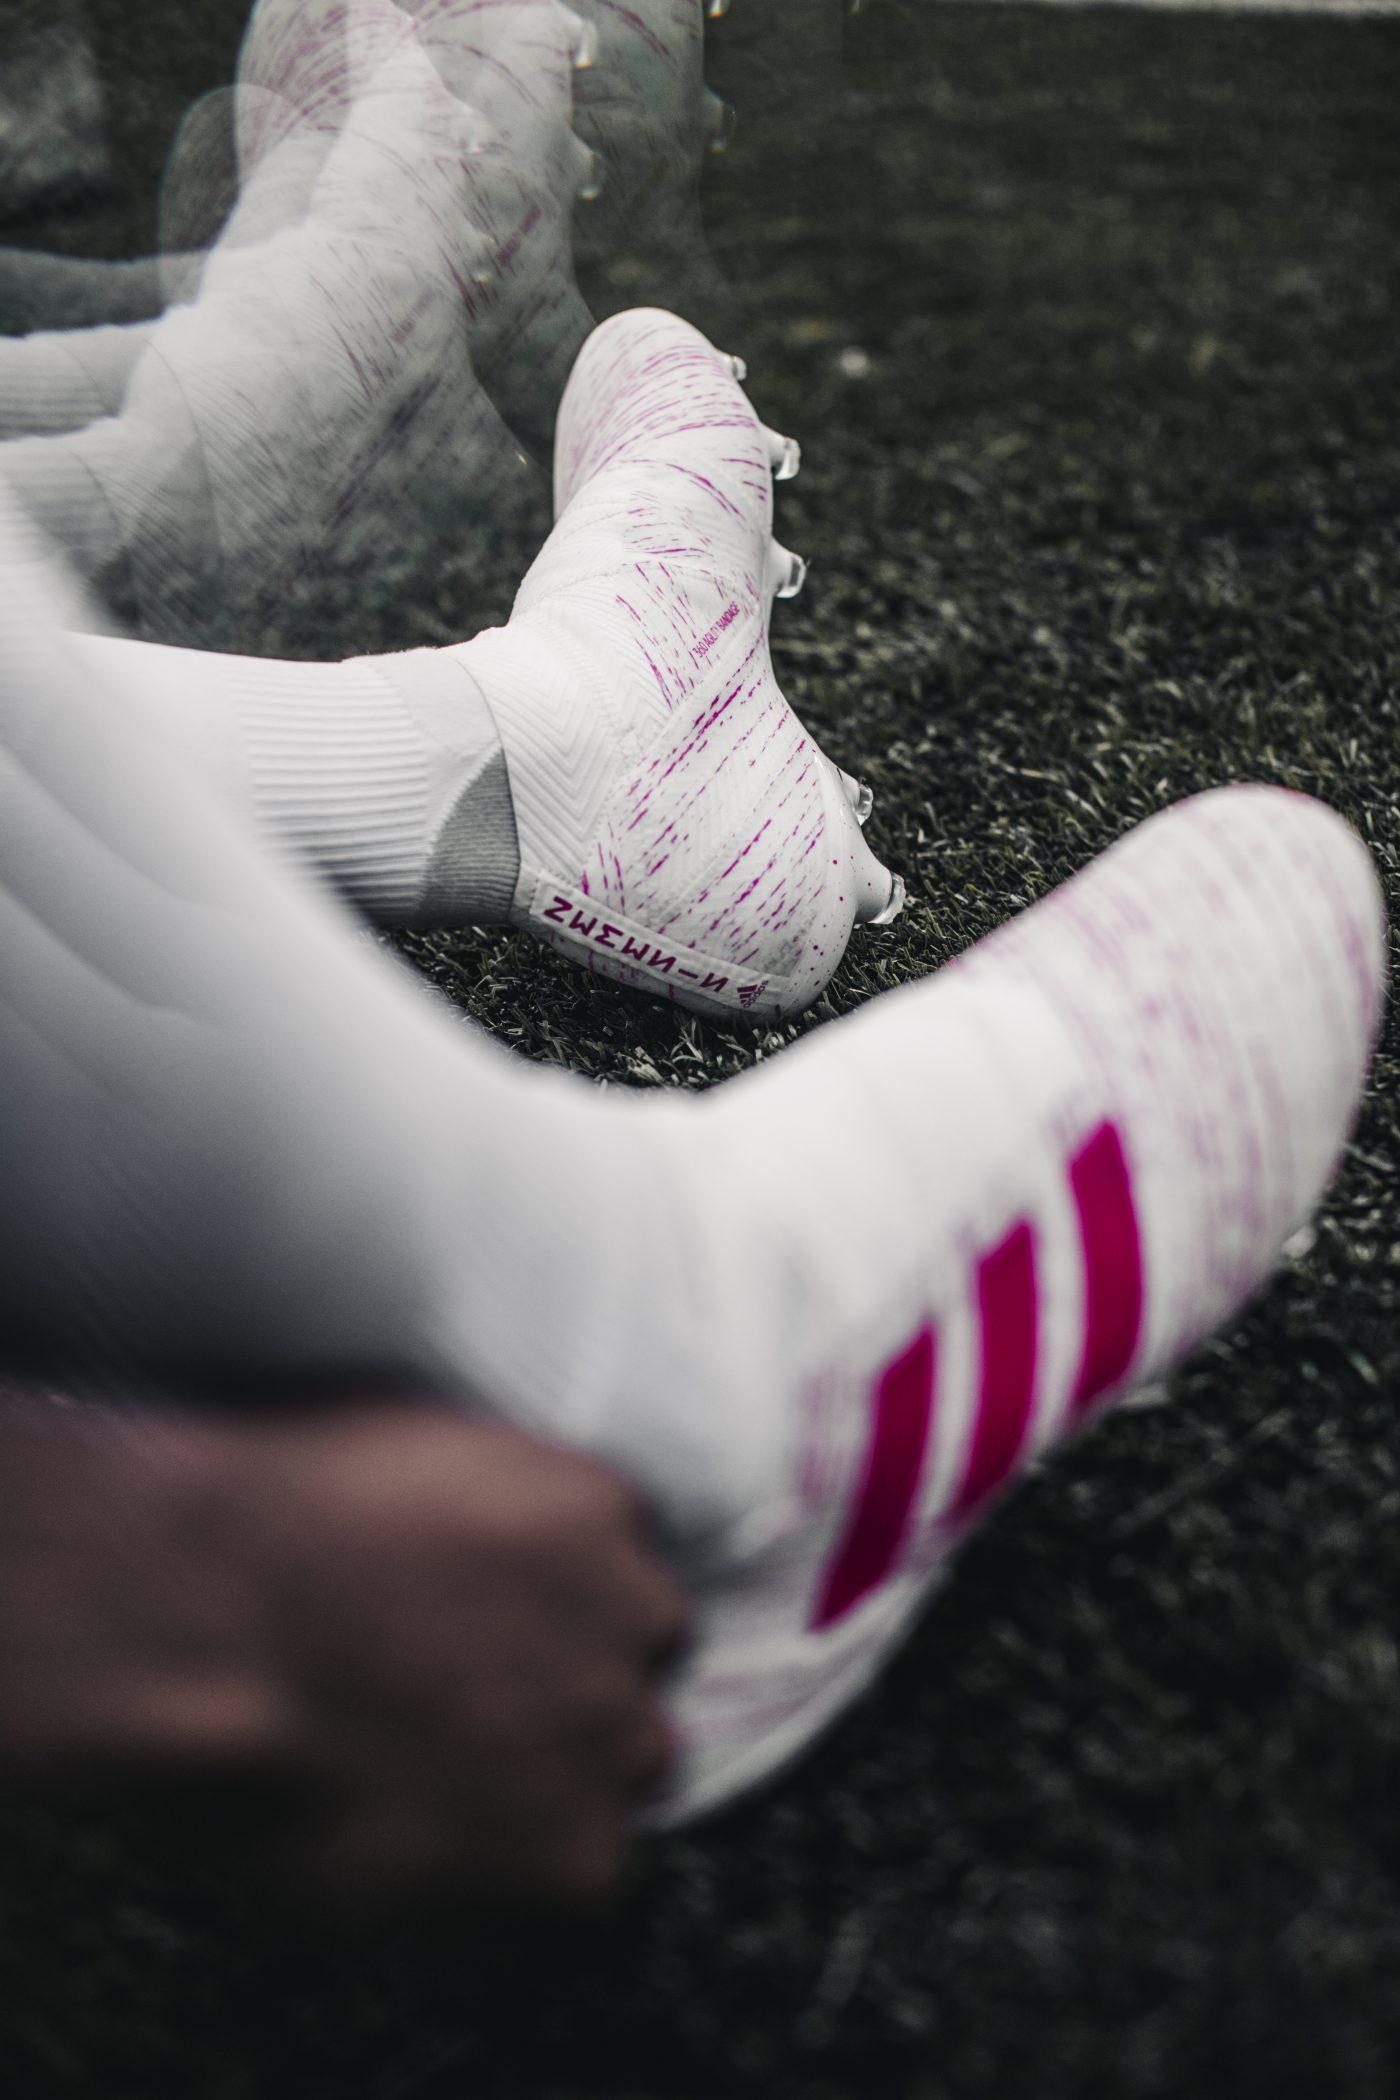 adidas-nemeziz-18-pack-virtuso-1